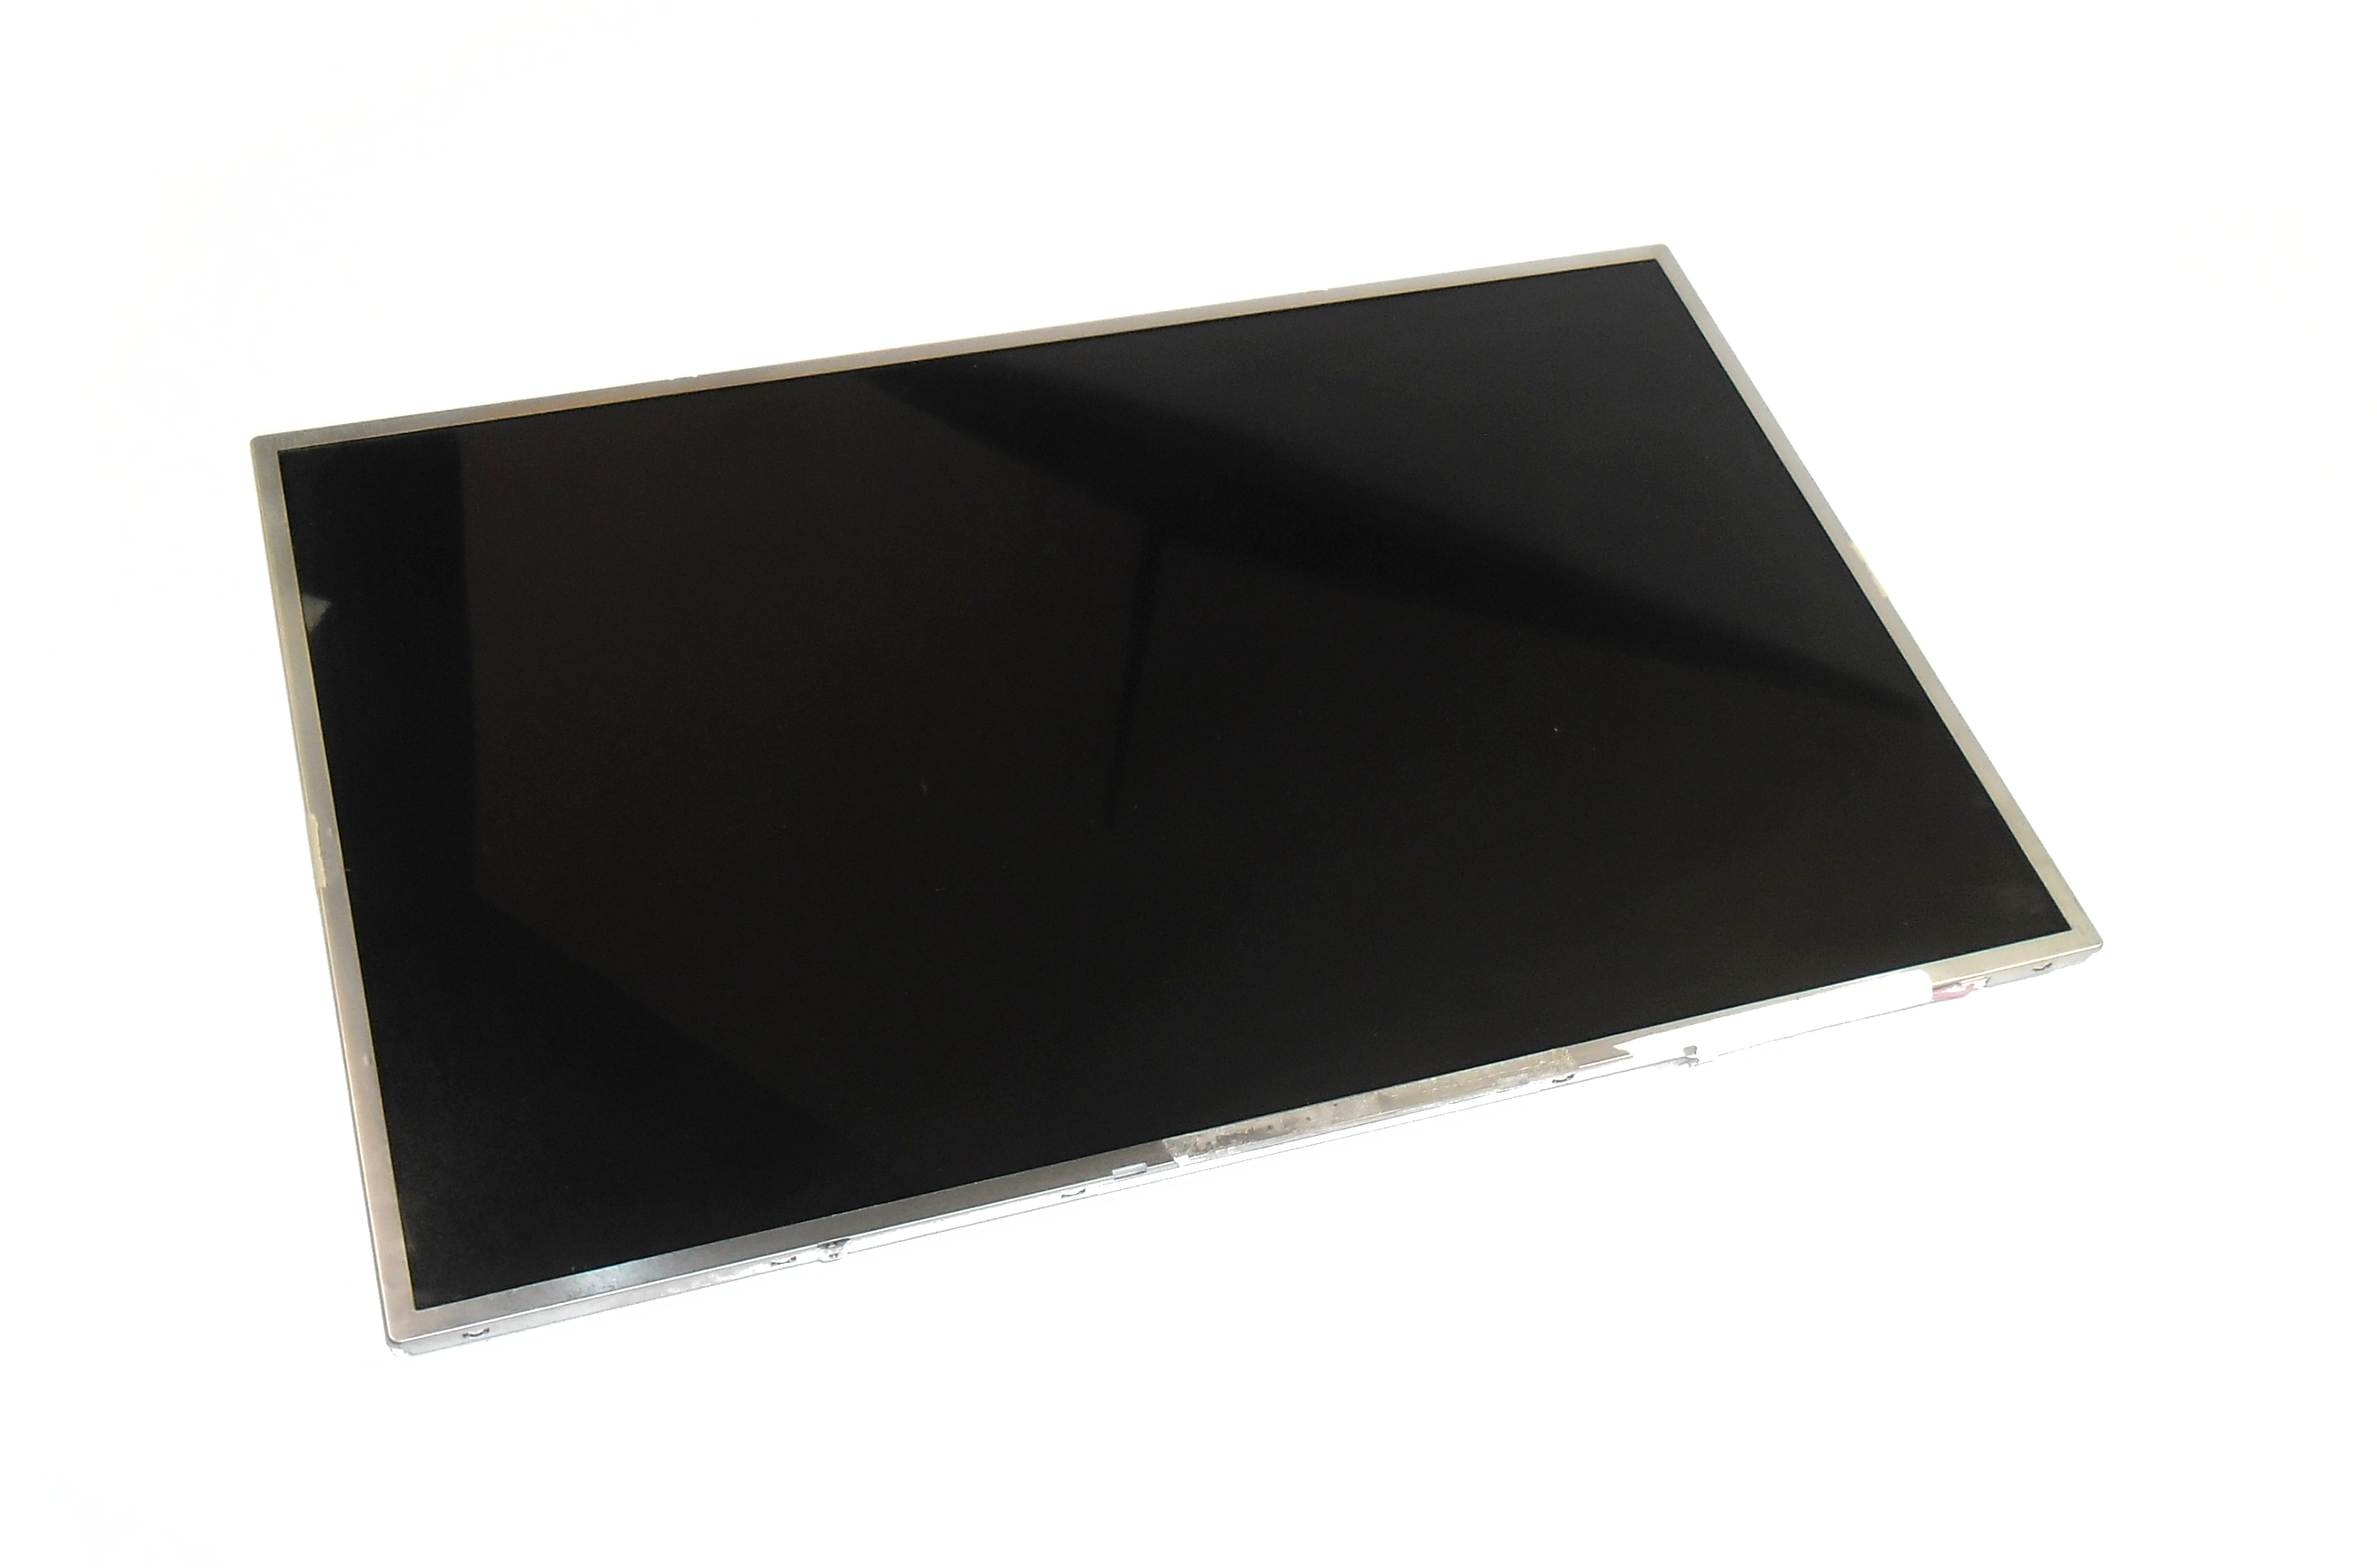 """Dell R790G 17.0"""" WXGA+ Glossy LCD Screen - Samsung LTN170X2-L03 - Grade B"""